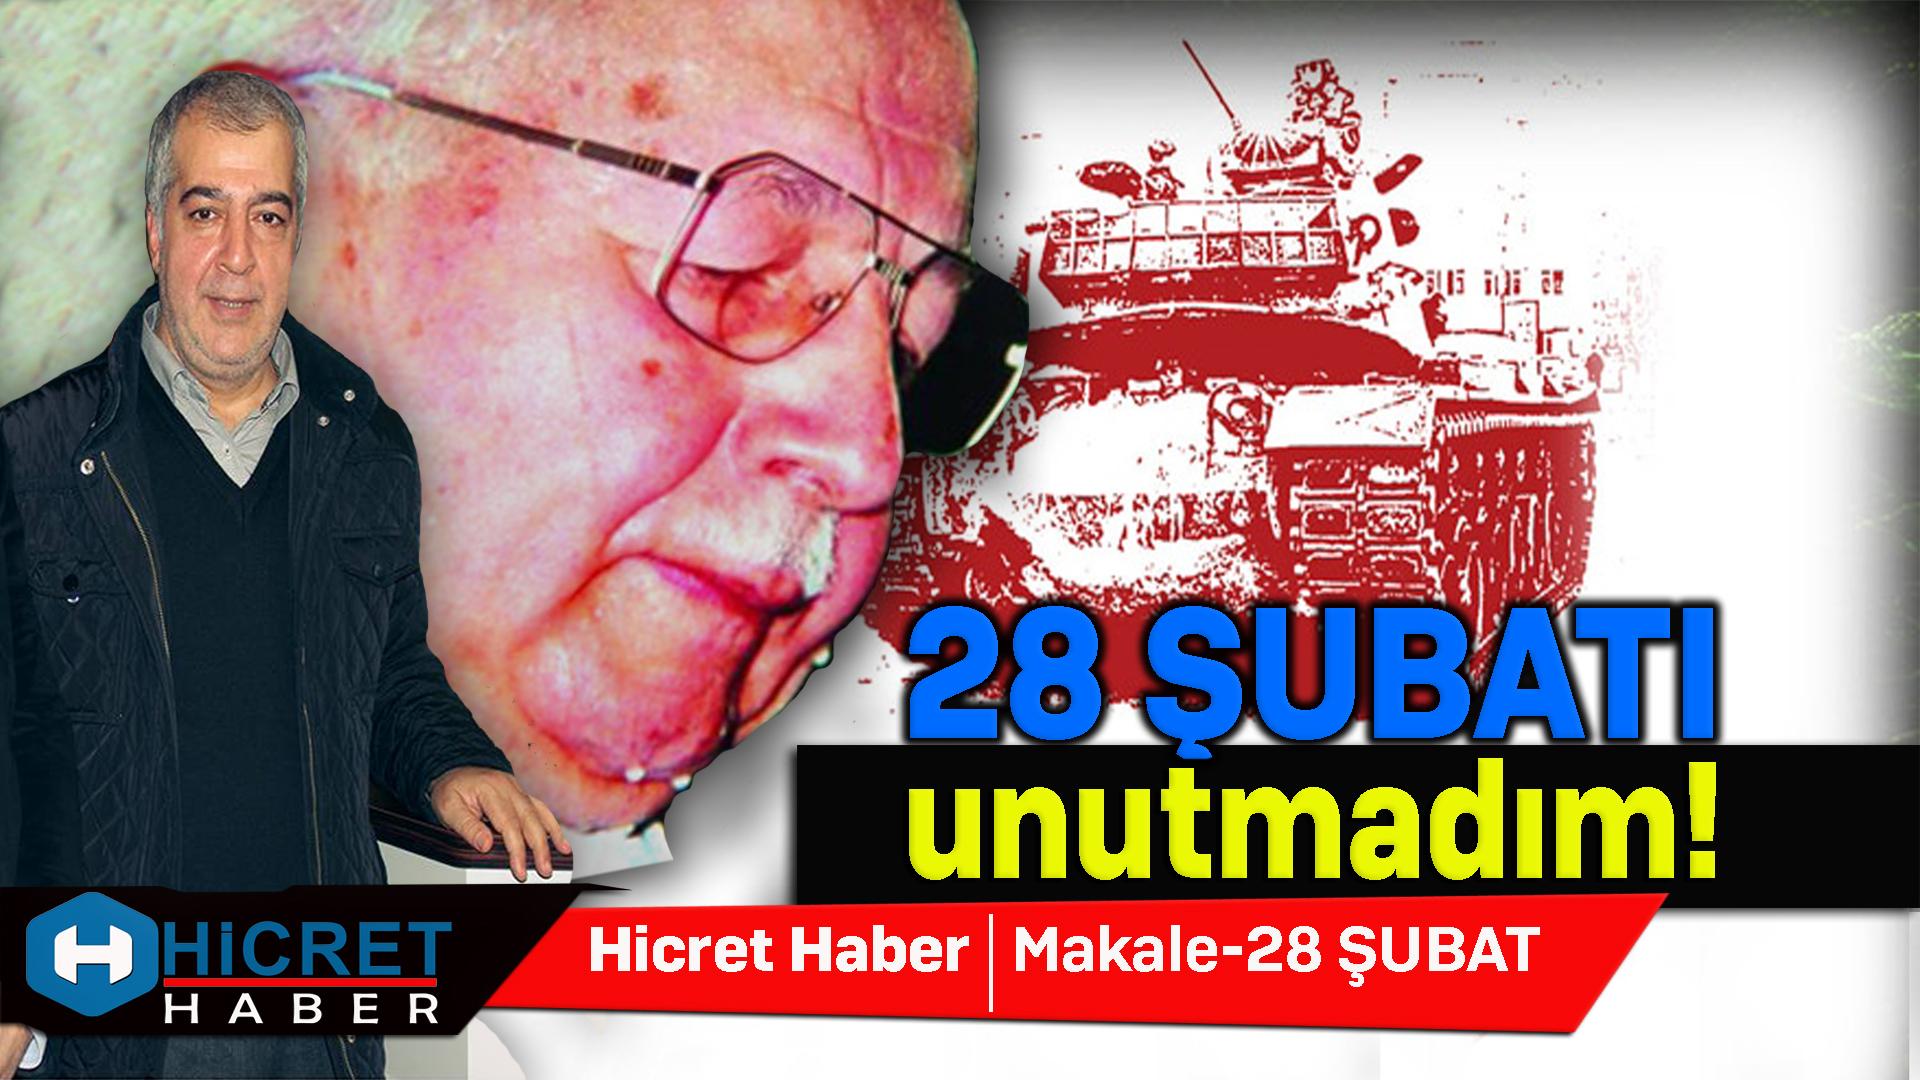 Recai Yurdan 28 Şubatı Unutmadık Unutmayacağız Dedi